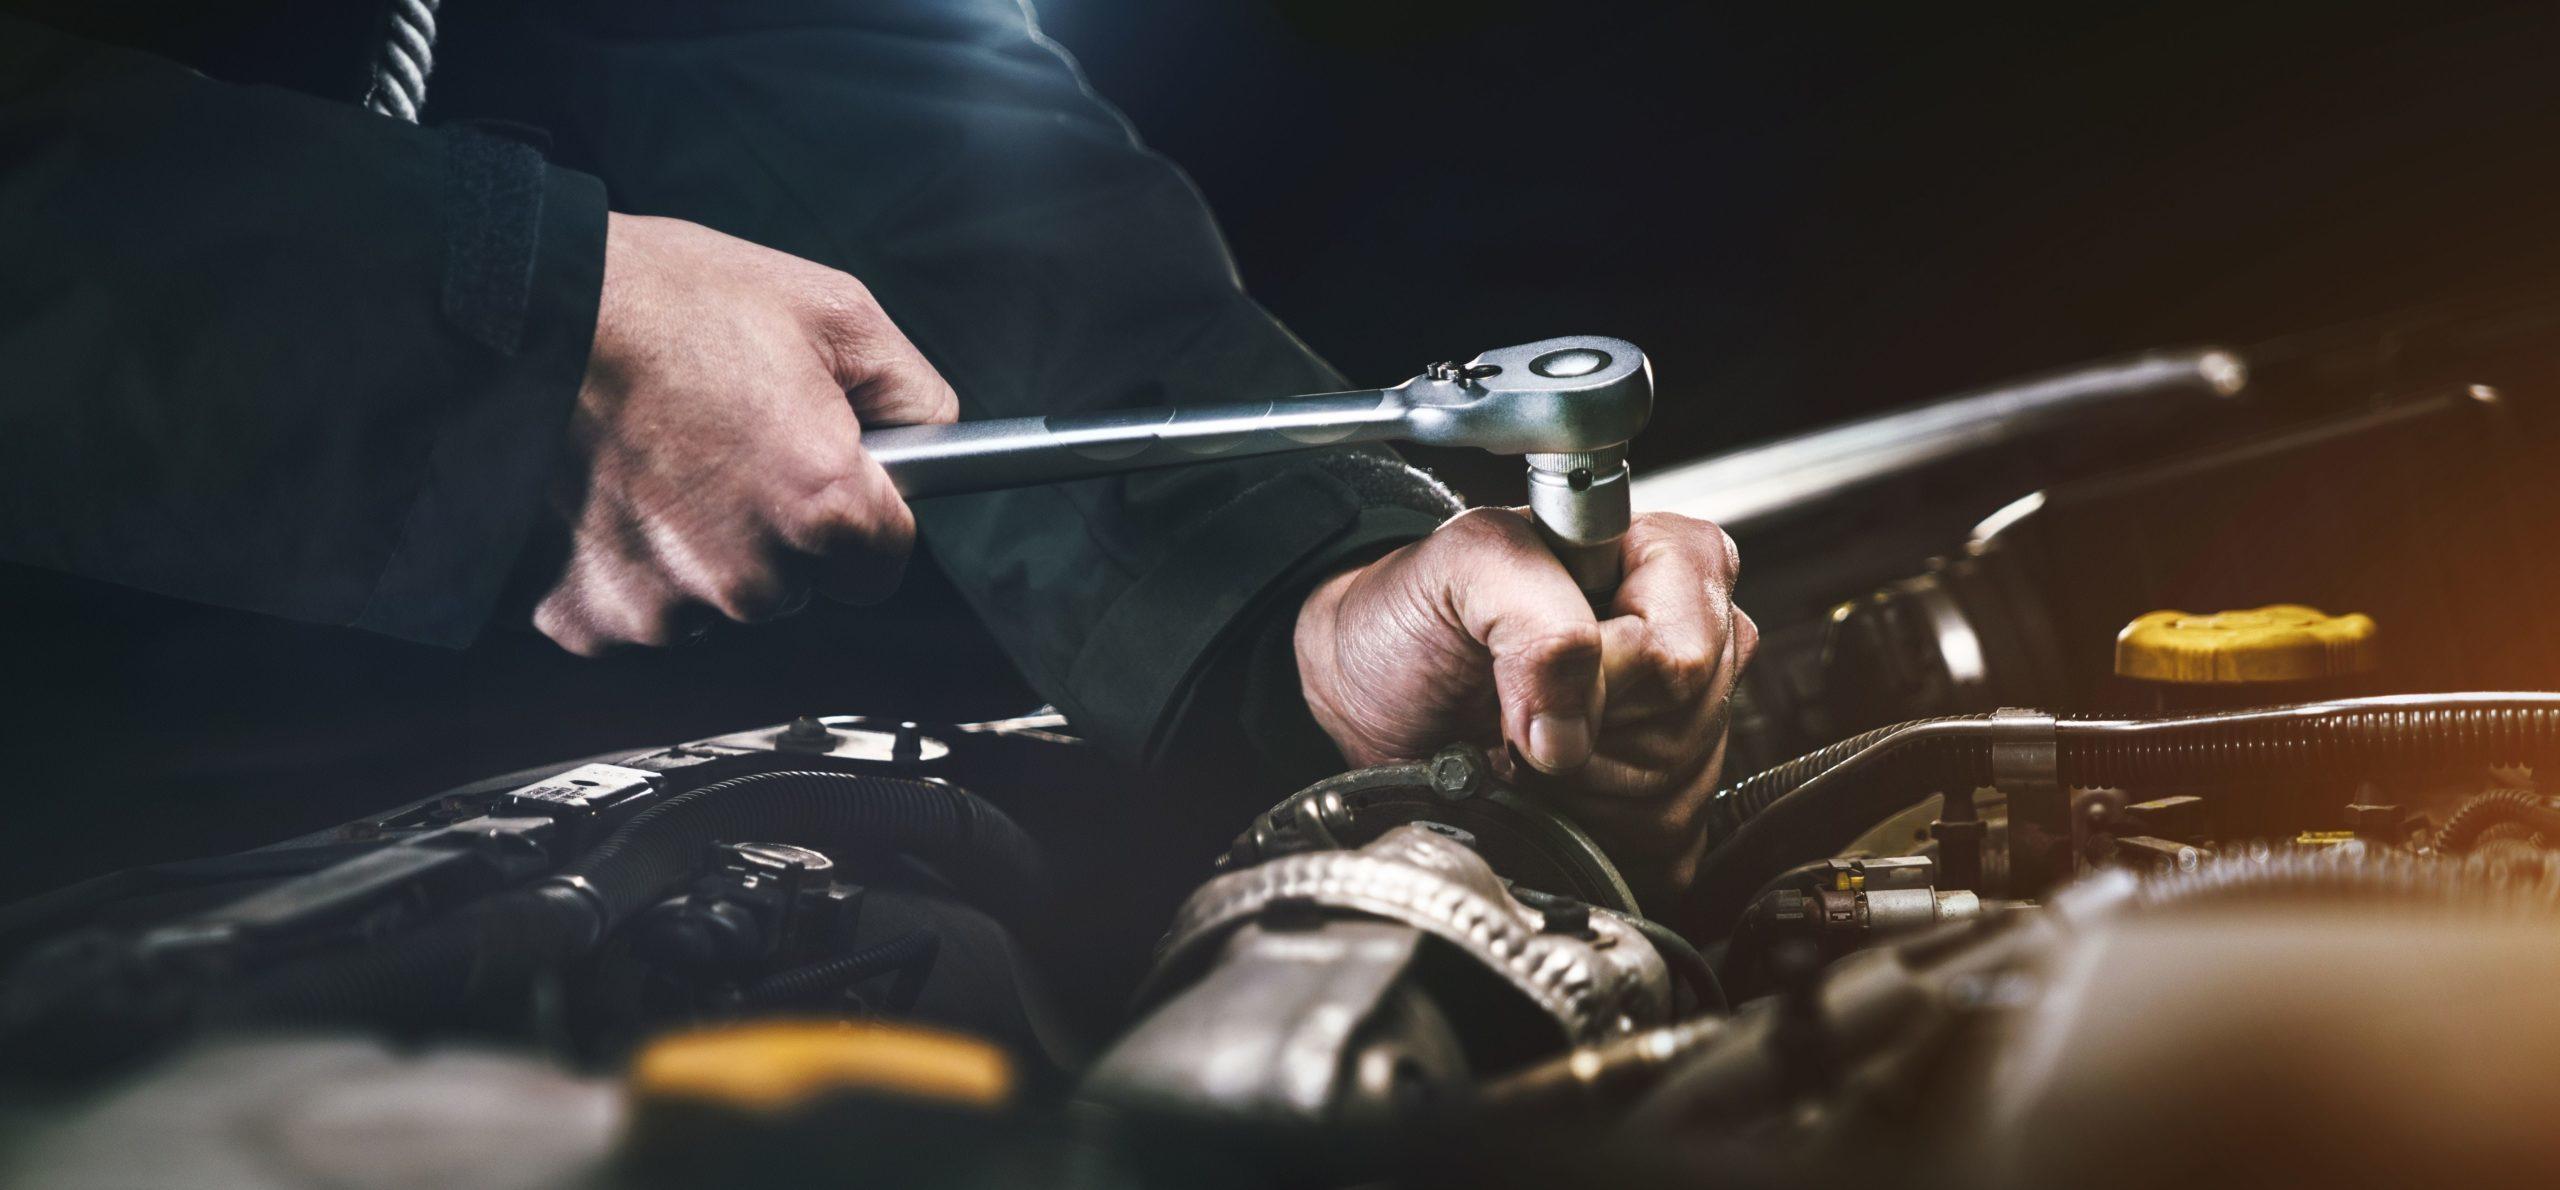 Materiały opakowaniowe w branży motoryzacyjnej – co stosować, gdzie zamówić?